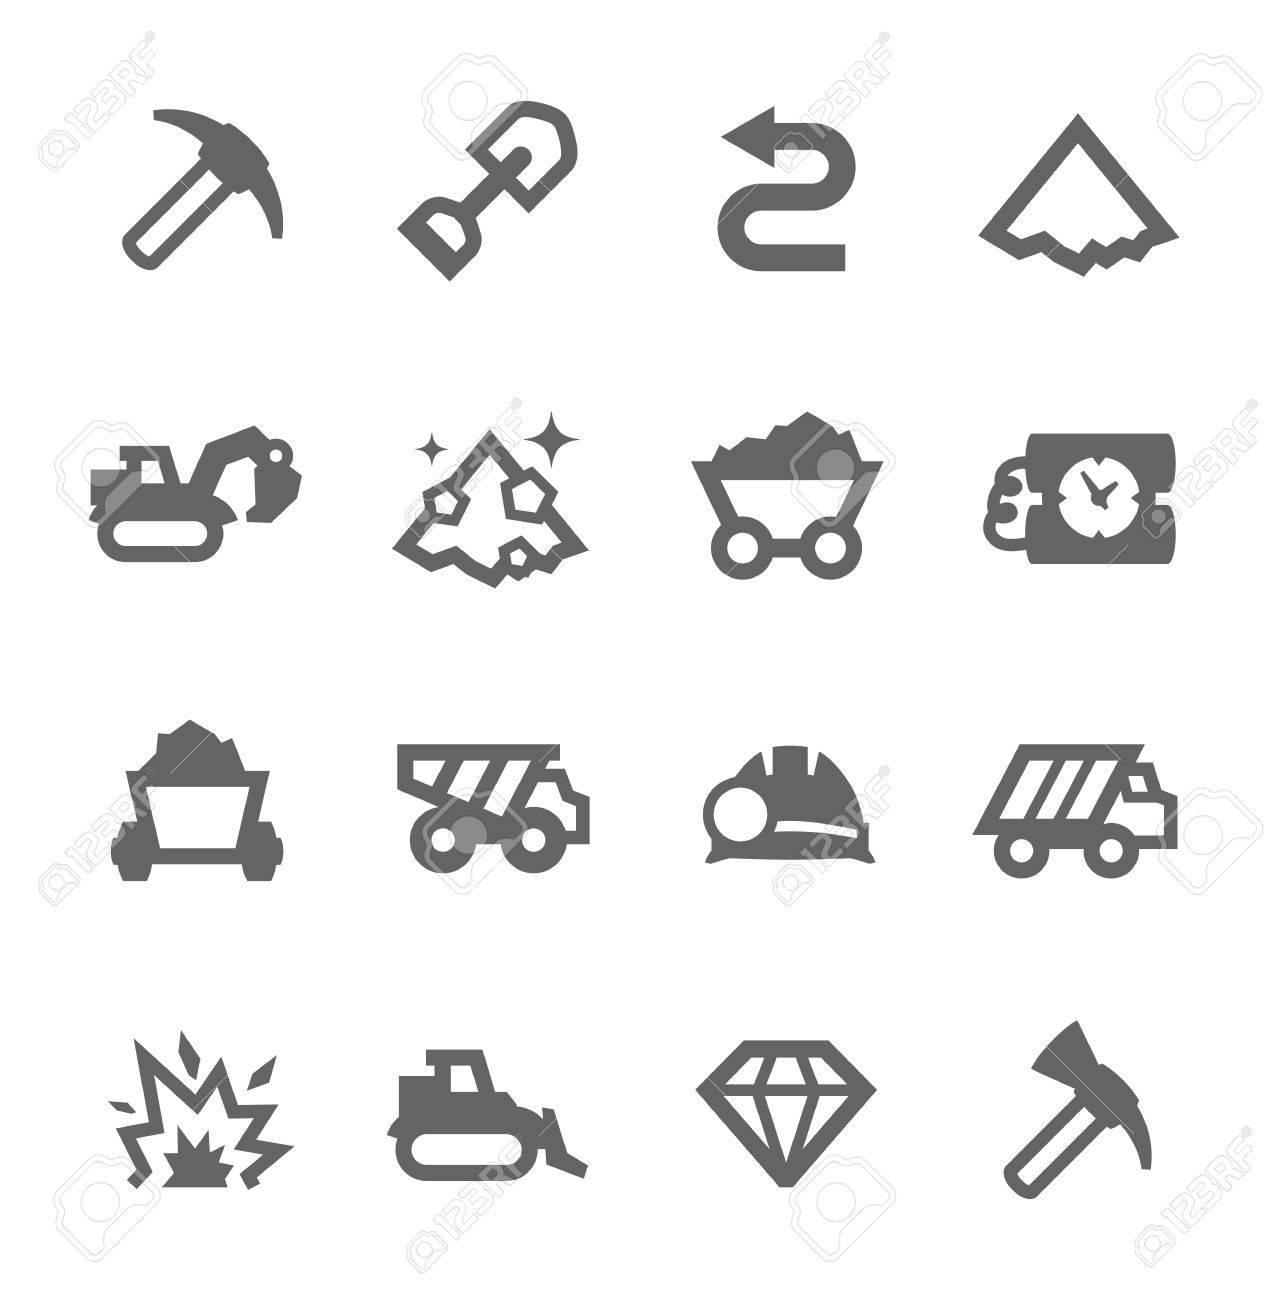 Foto de archivo - Simple conjunto de excavación y relacionadas con la  minería iconos vectoriales para su diseño 7601c4a80b3